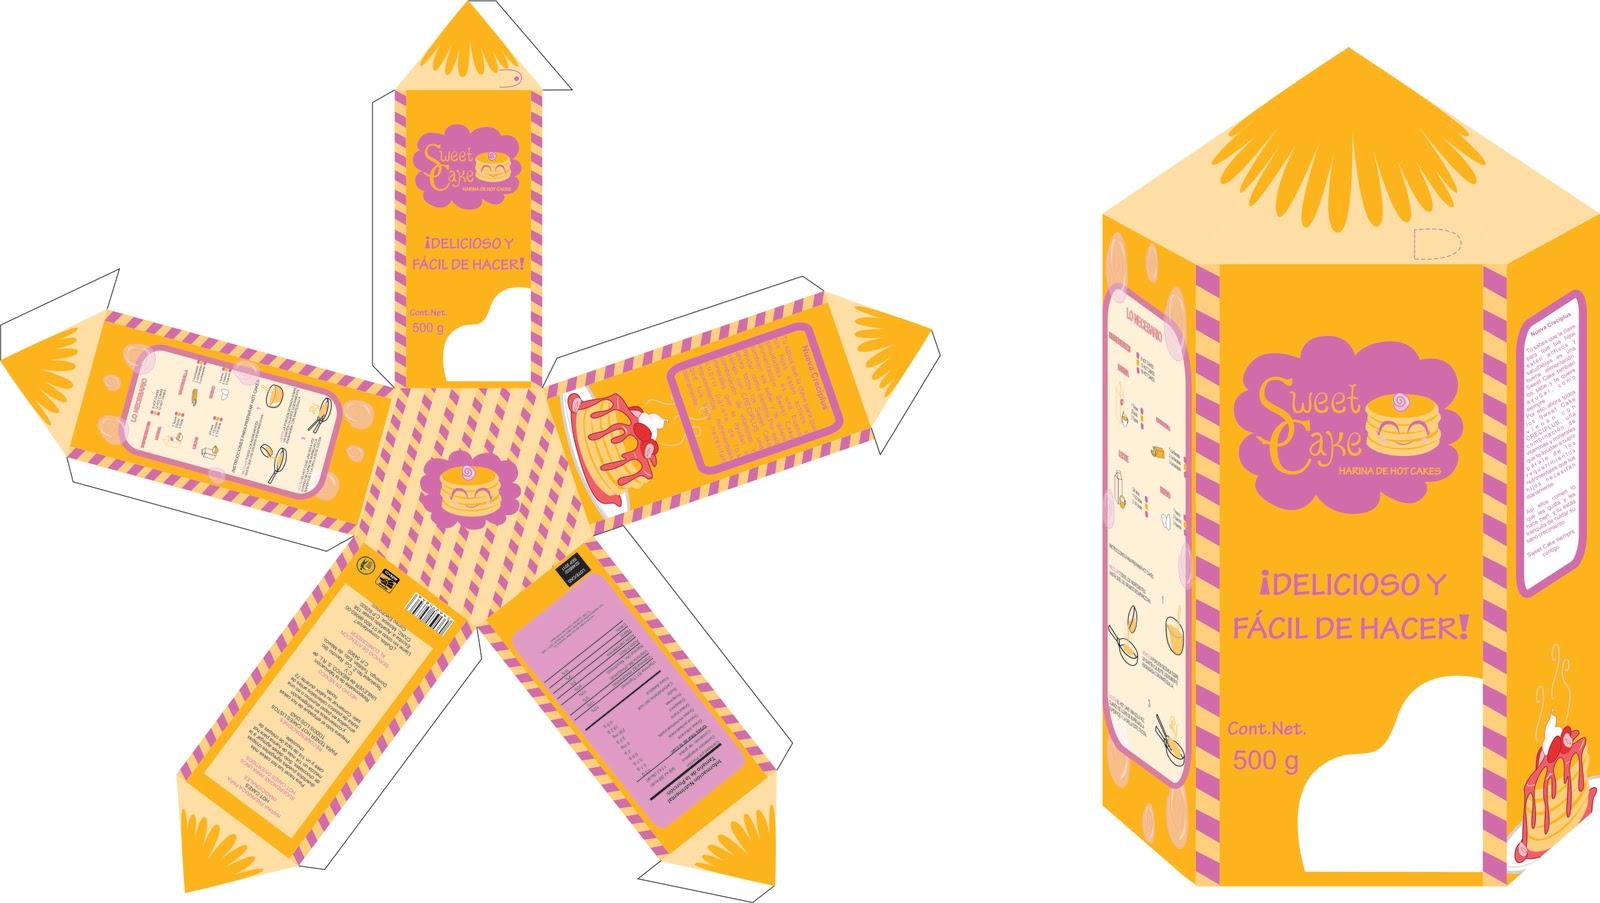 Perfecto Plantillas De Empaque Embellecimiento - Colección De ...